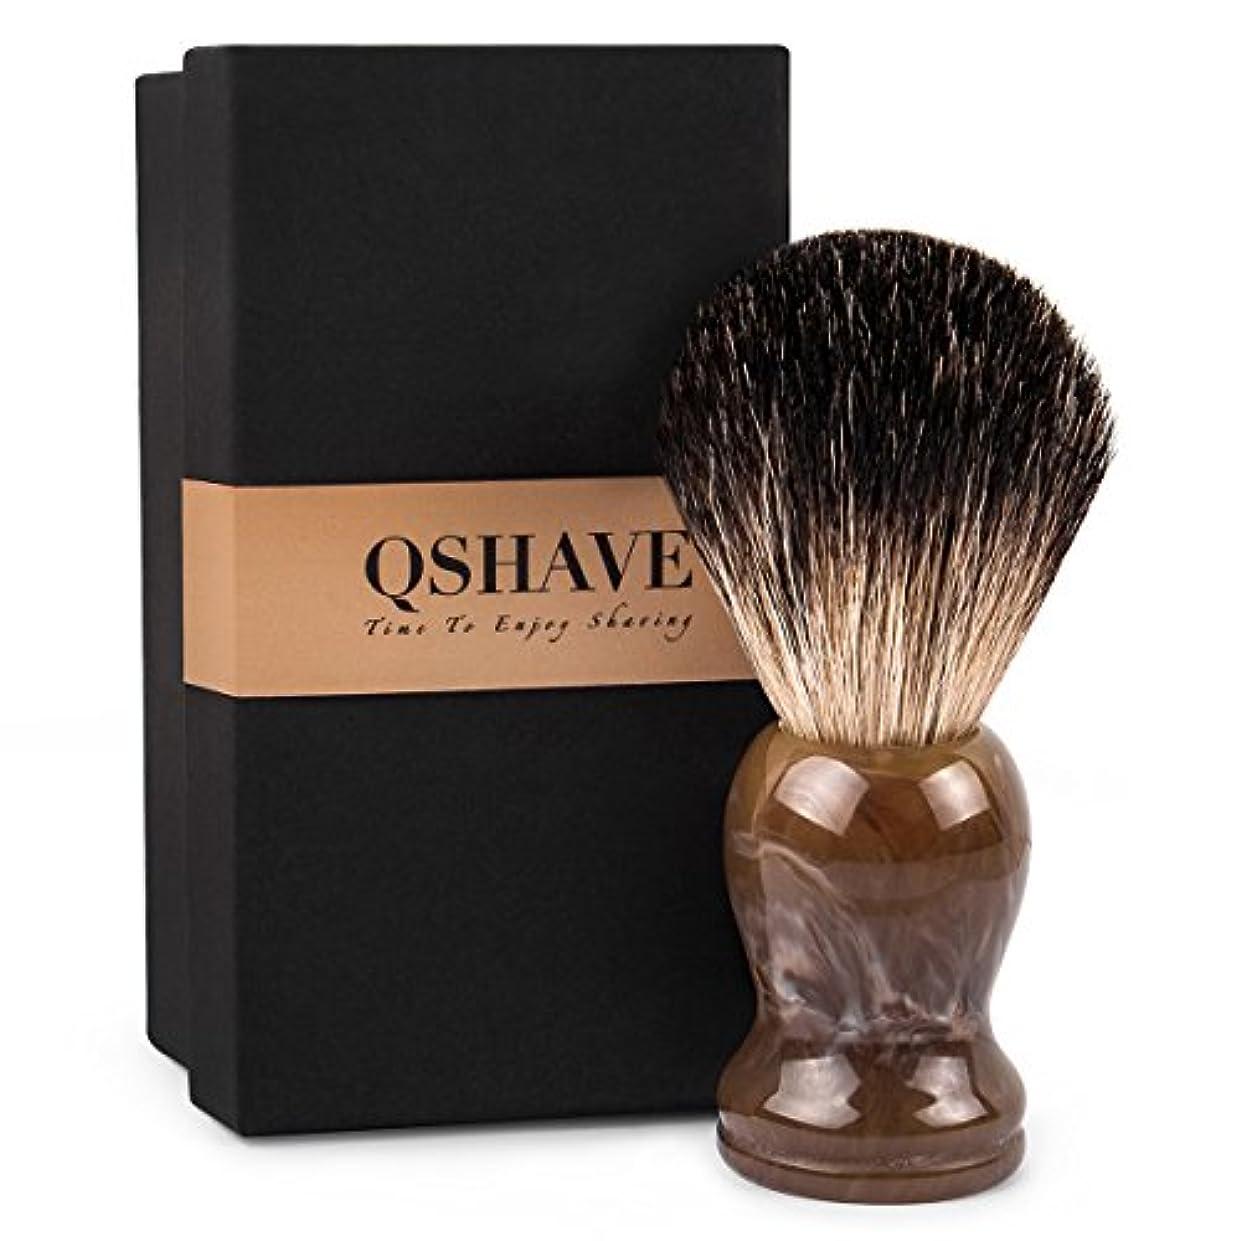 方言大事にするスカープQSHAVE 100%アナグマ毛 オリジナルハンドメイドシェービングブラシ。ウェットシェービング、安全カミソリ、両刃カミソリに最適